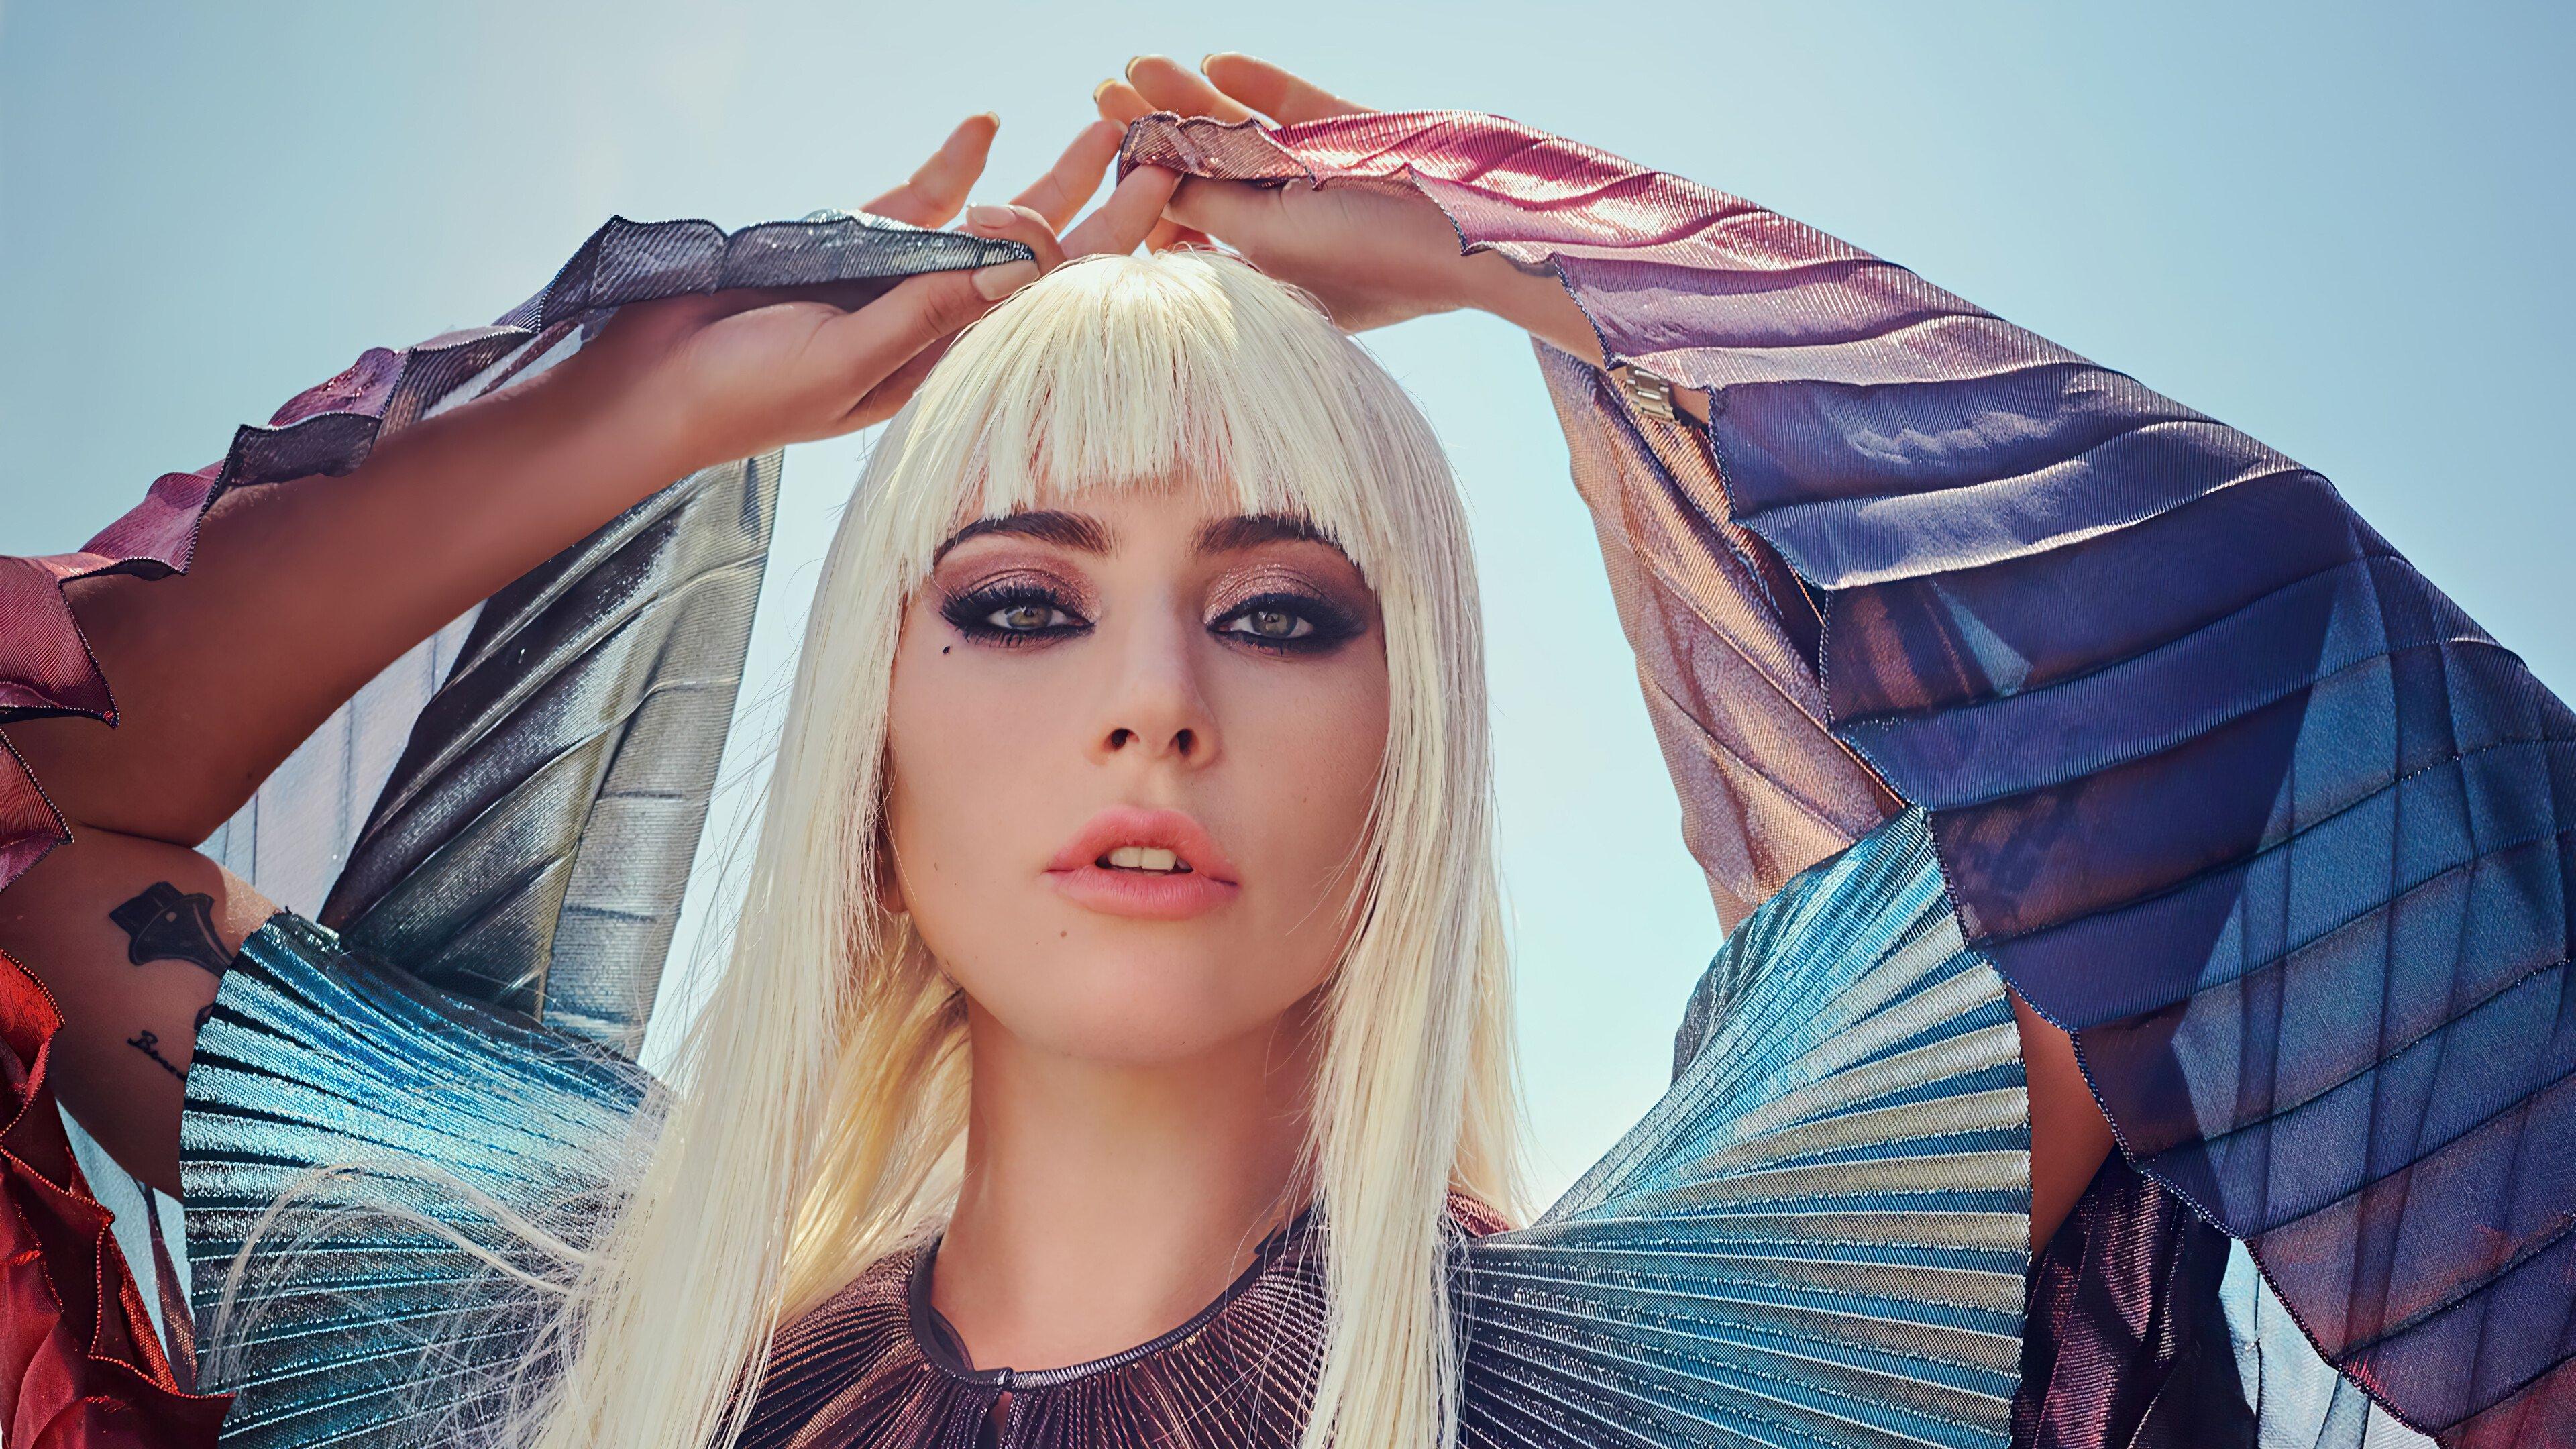 Fondos de pantalla Lady Gaga